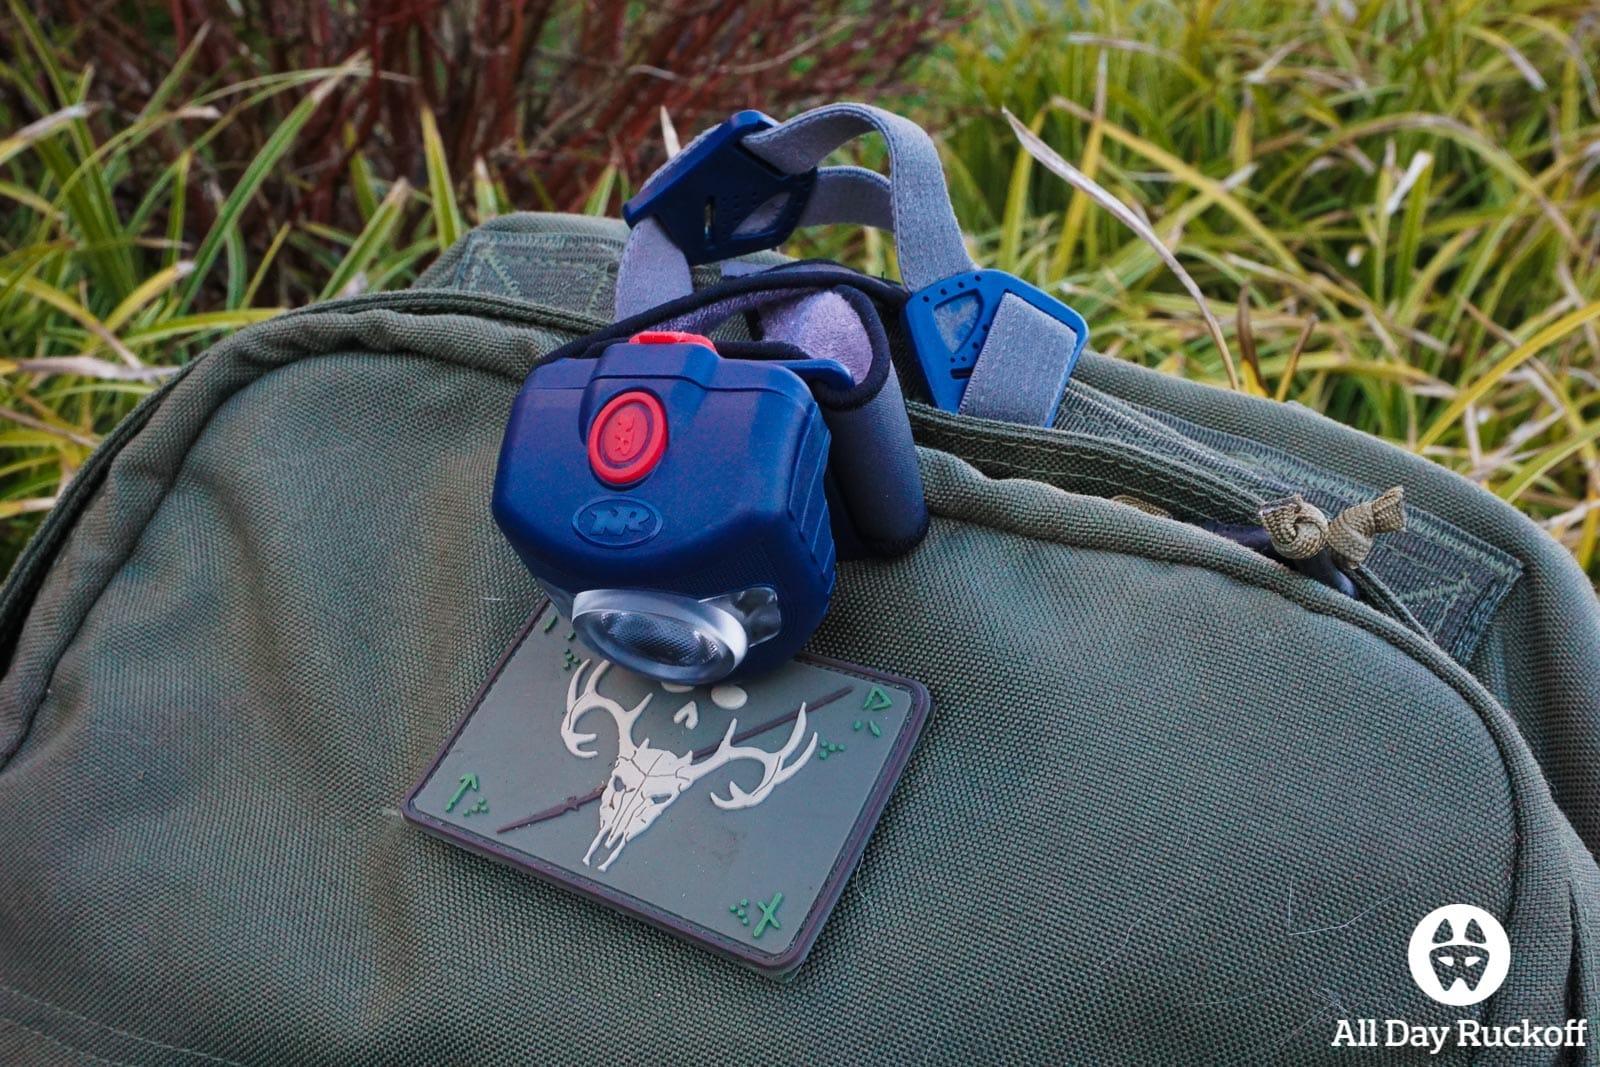 NiteRider Adventure 180 - Ruck Patch